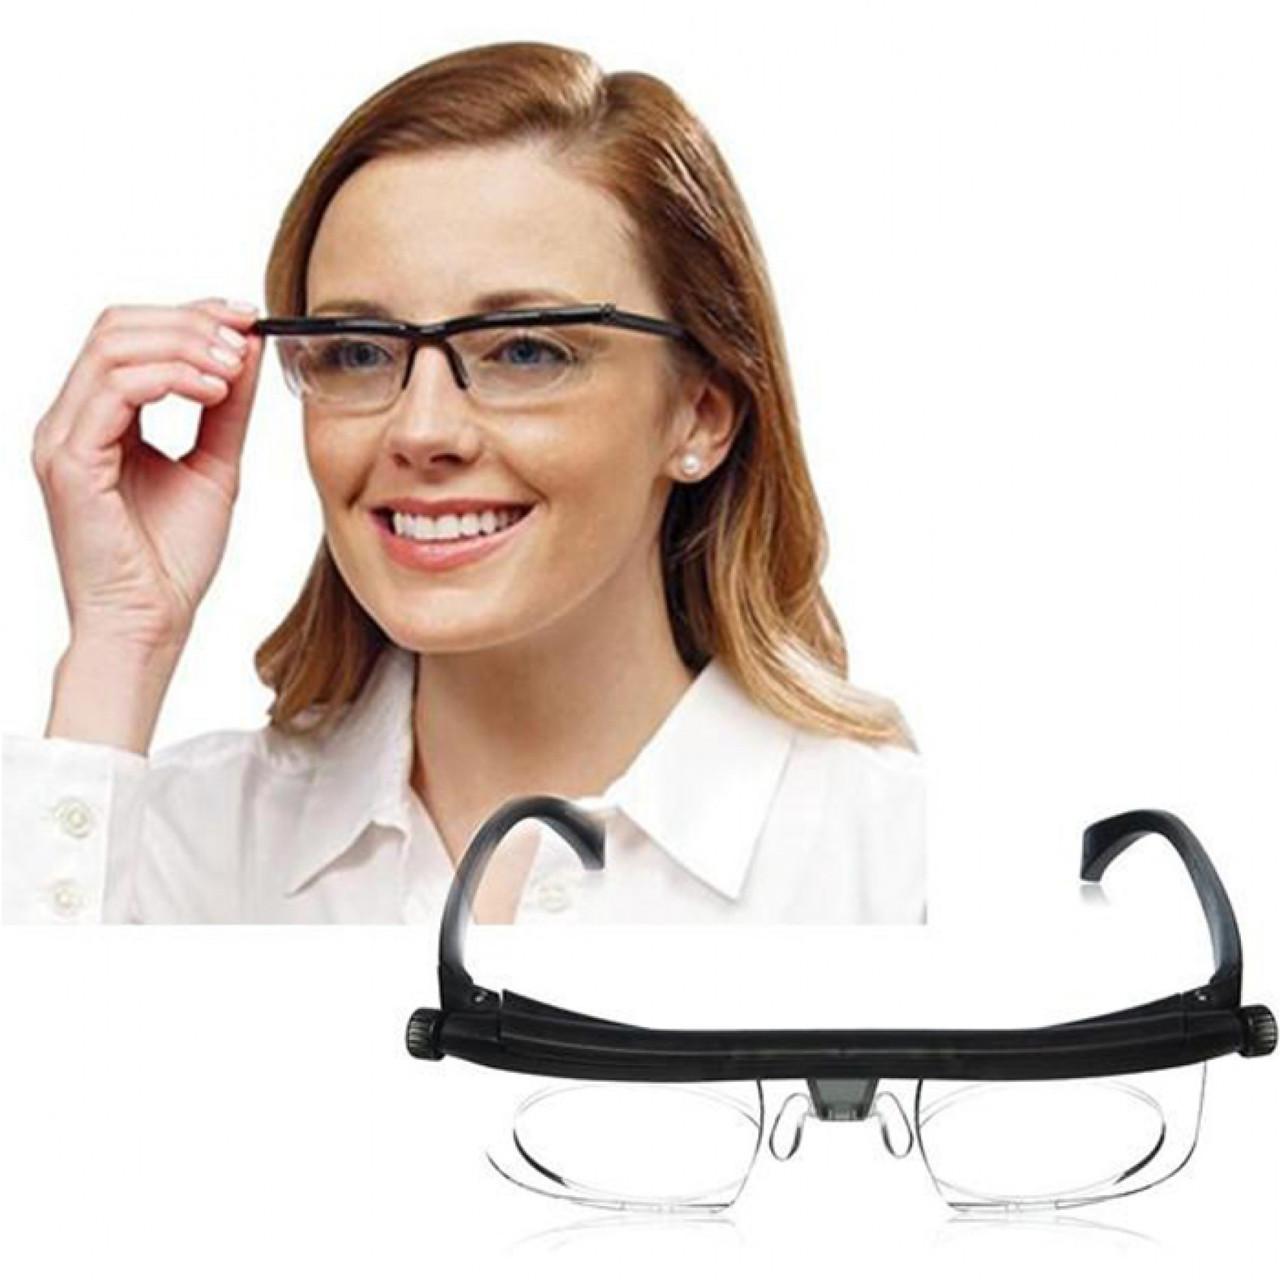 Очки (от -6 до +3) с регулируемыми линзамиDial Vision для чтения и мелких работ